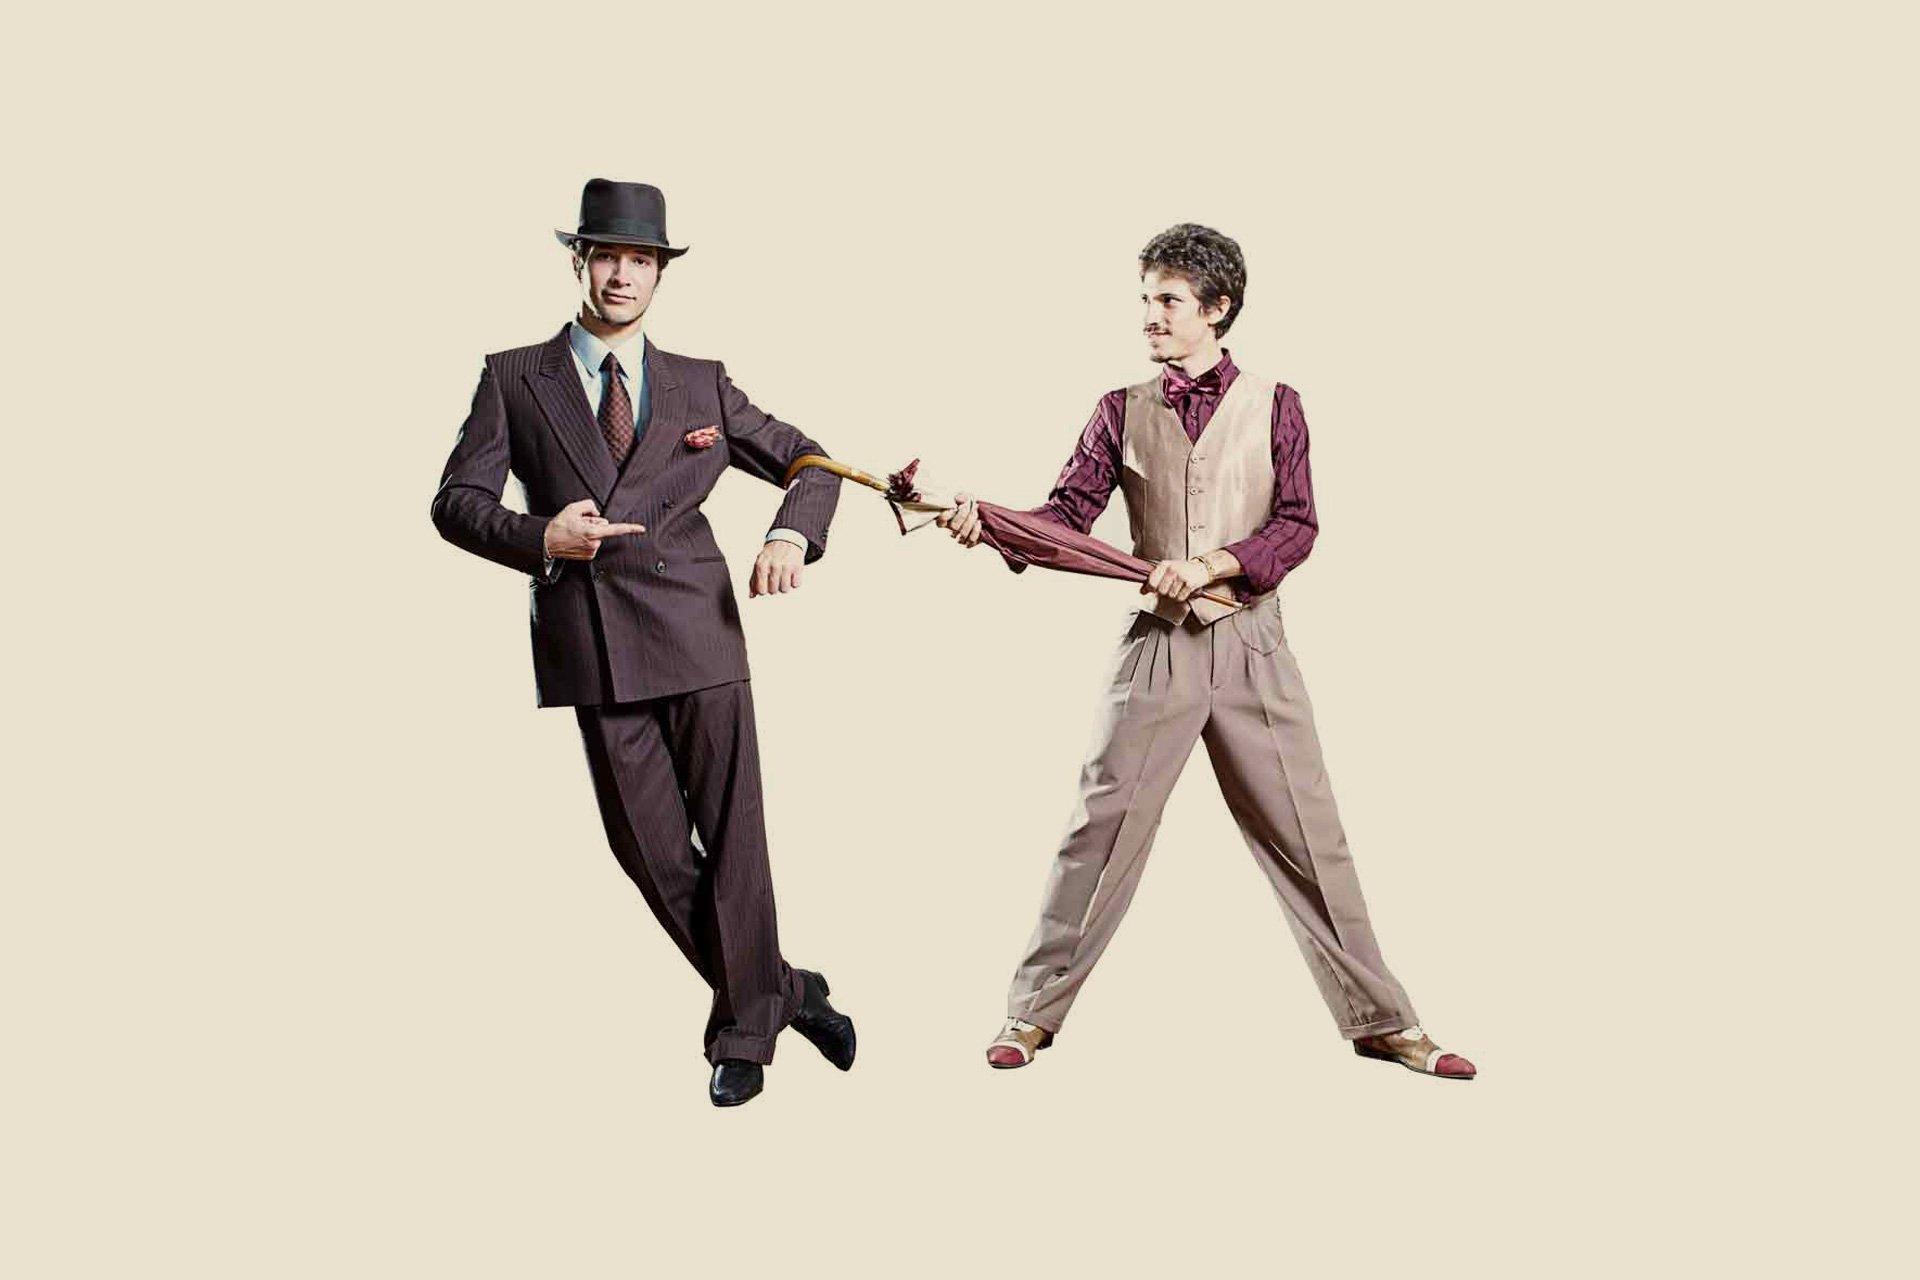 Lindy Bros - Daniele Civiero e Alessio Civiero - L'equilibrio nello swing